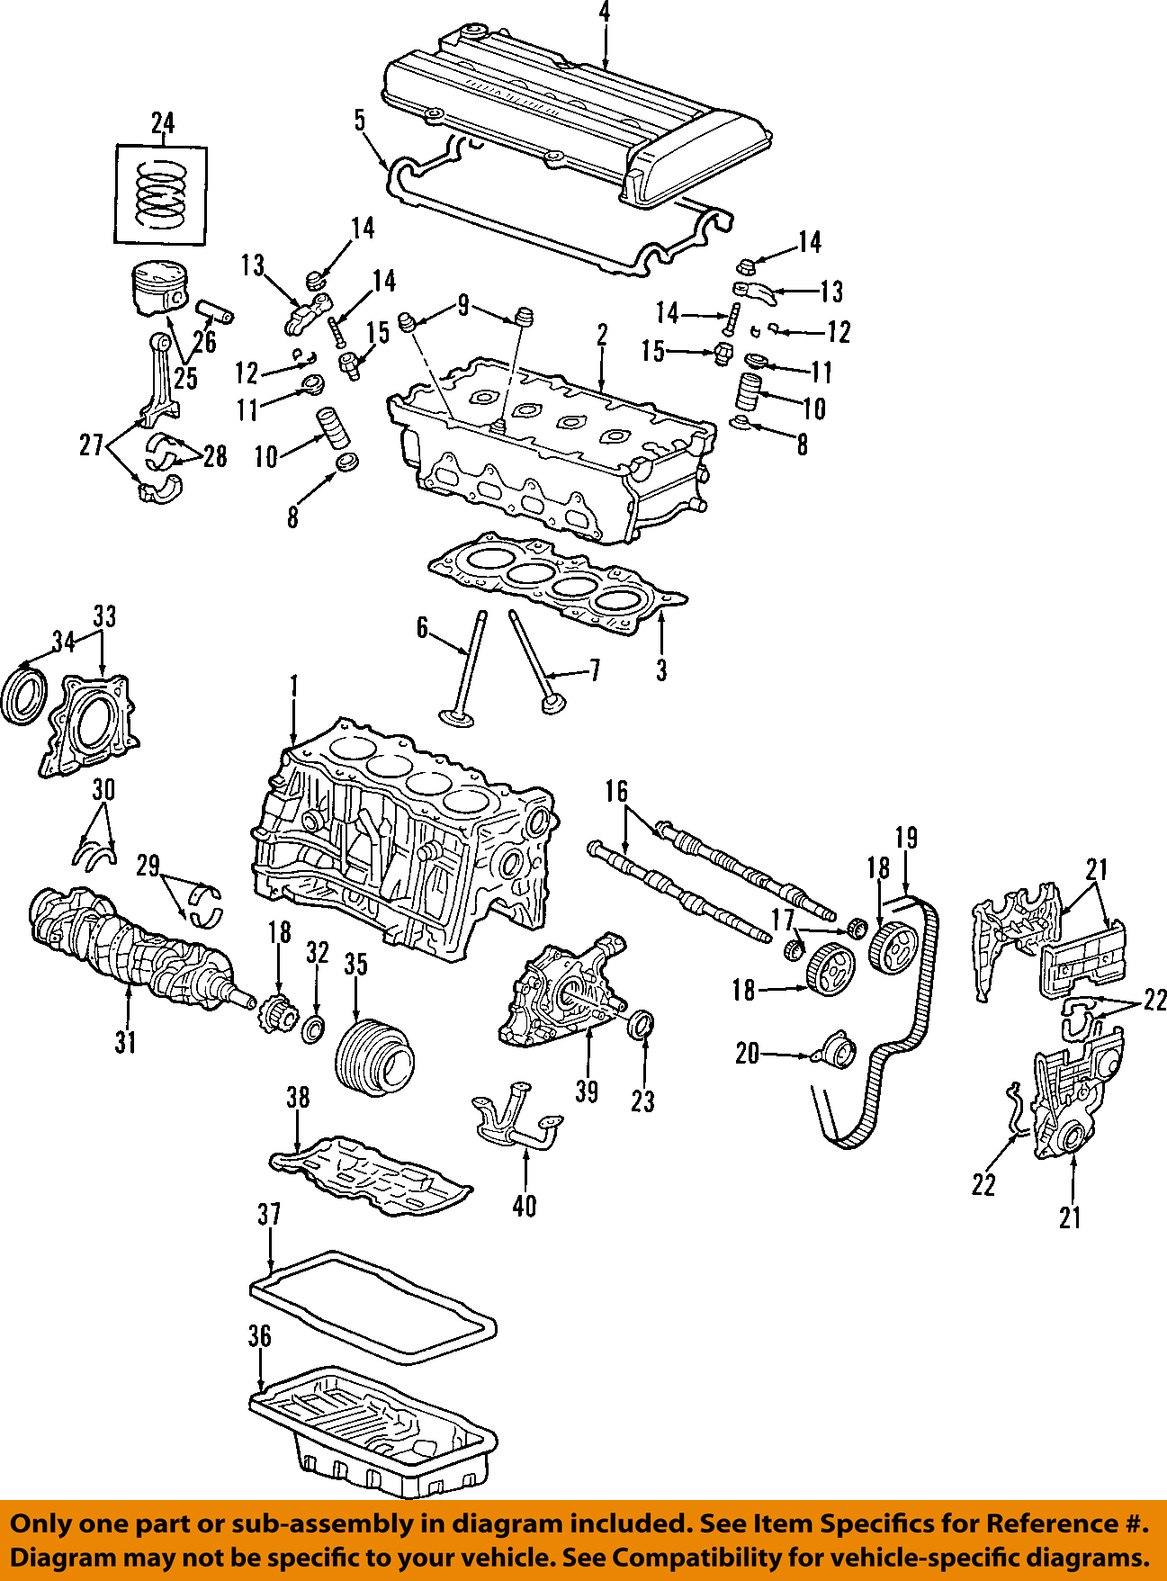 honda oem 97 01 cr v engine cylinder head gasket. Black Bedroom Furniture Sets. Home Design Ideas